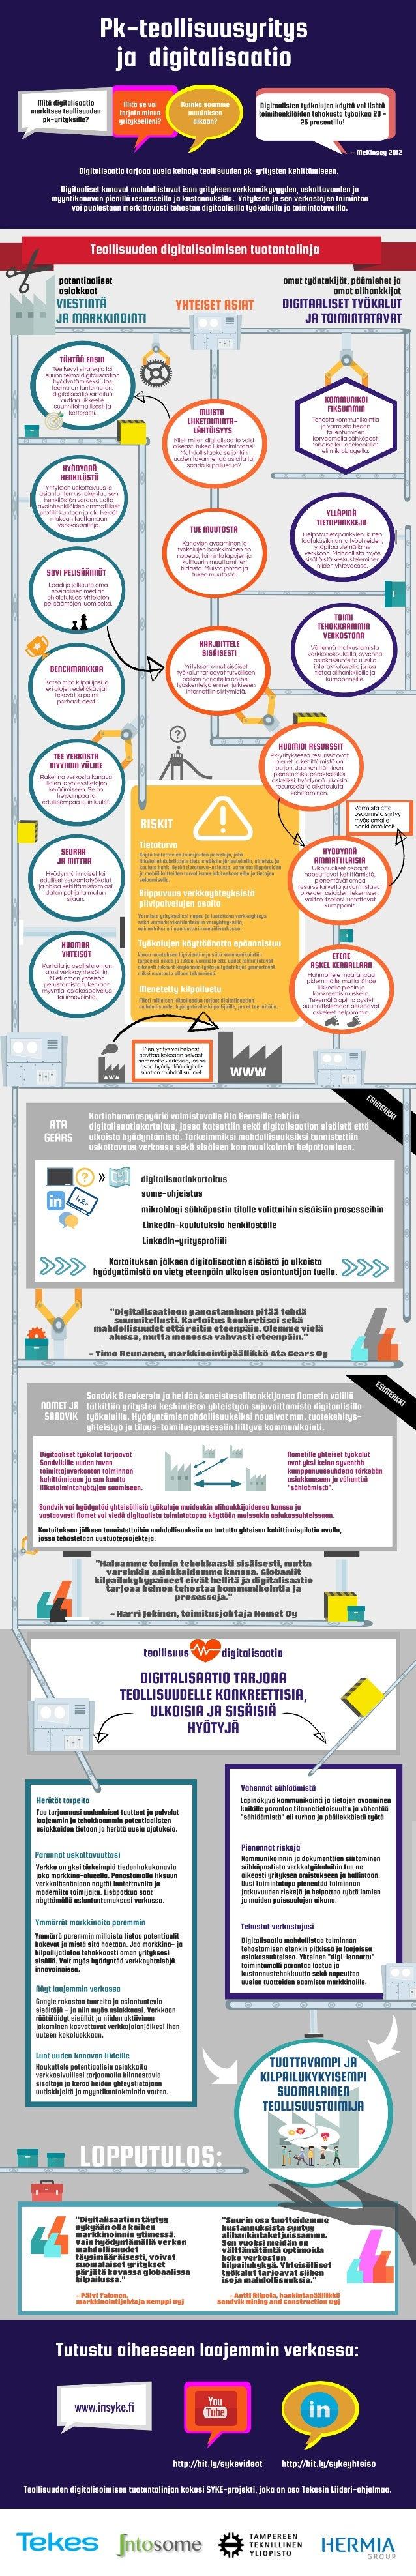 |   Pk-teollisuusyritys jo digitolisaatia  mitü diyitalisaatio merkitsee teollisuuden pk-yrityksille?   mitö se voi tarjot...